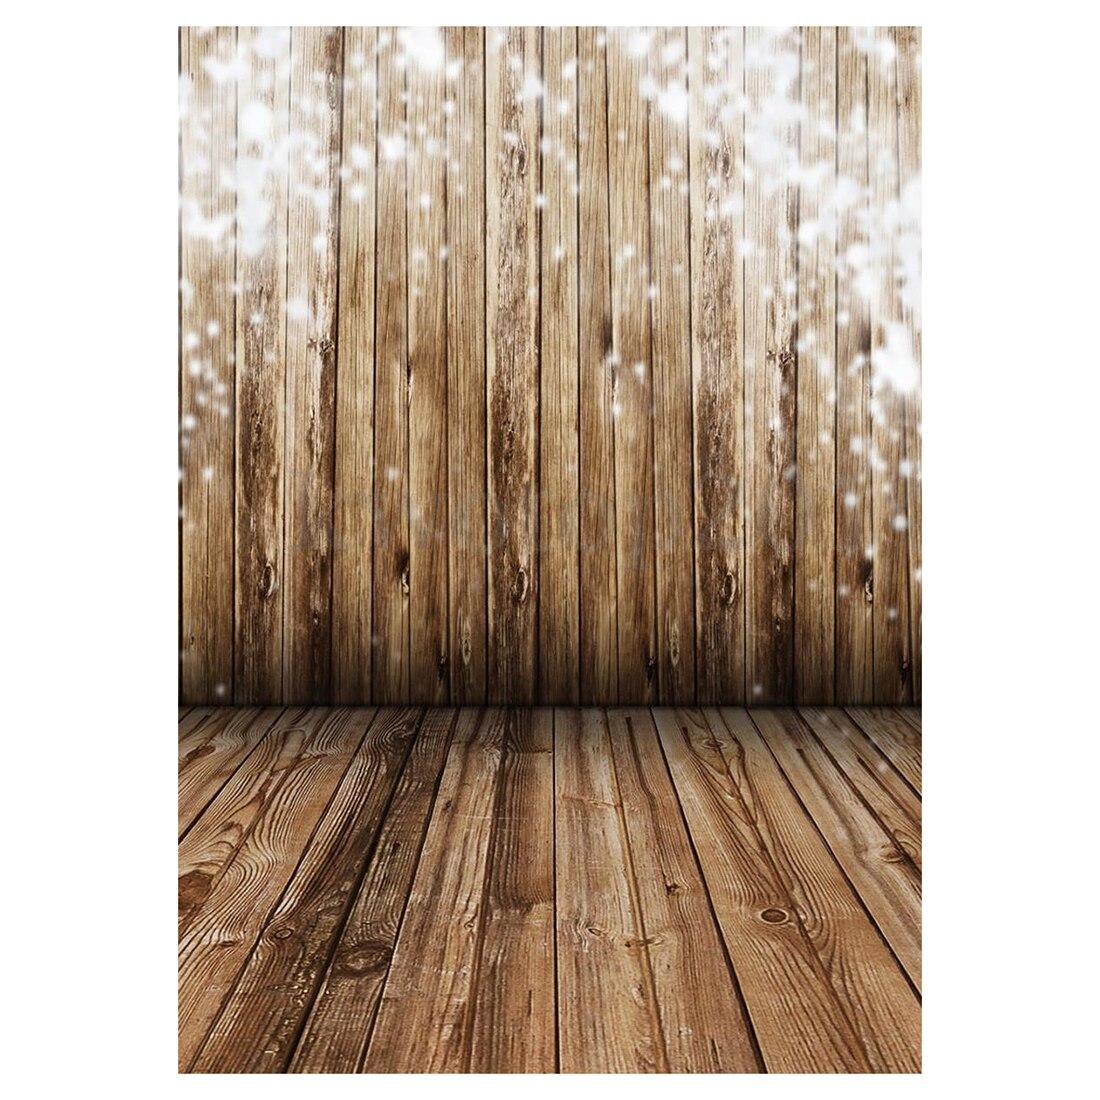 Top Deals 3X5FT Wood Wall Floor Vinyl Photography Backdrop Photo Background Studio Props shengyongbao 300cm 200cm vinyl custom photography backdrops brick wall theme photo studio props photography background brw 12